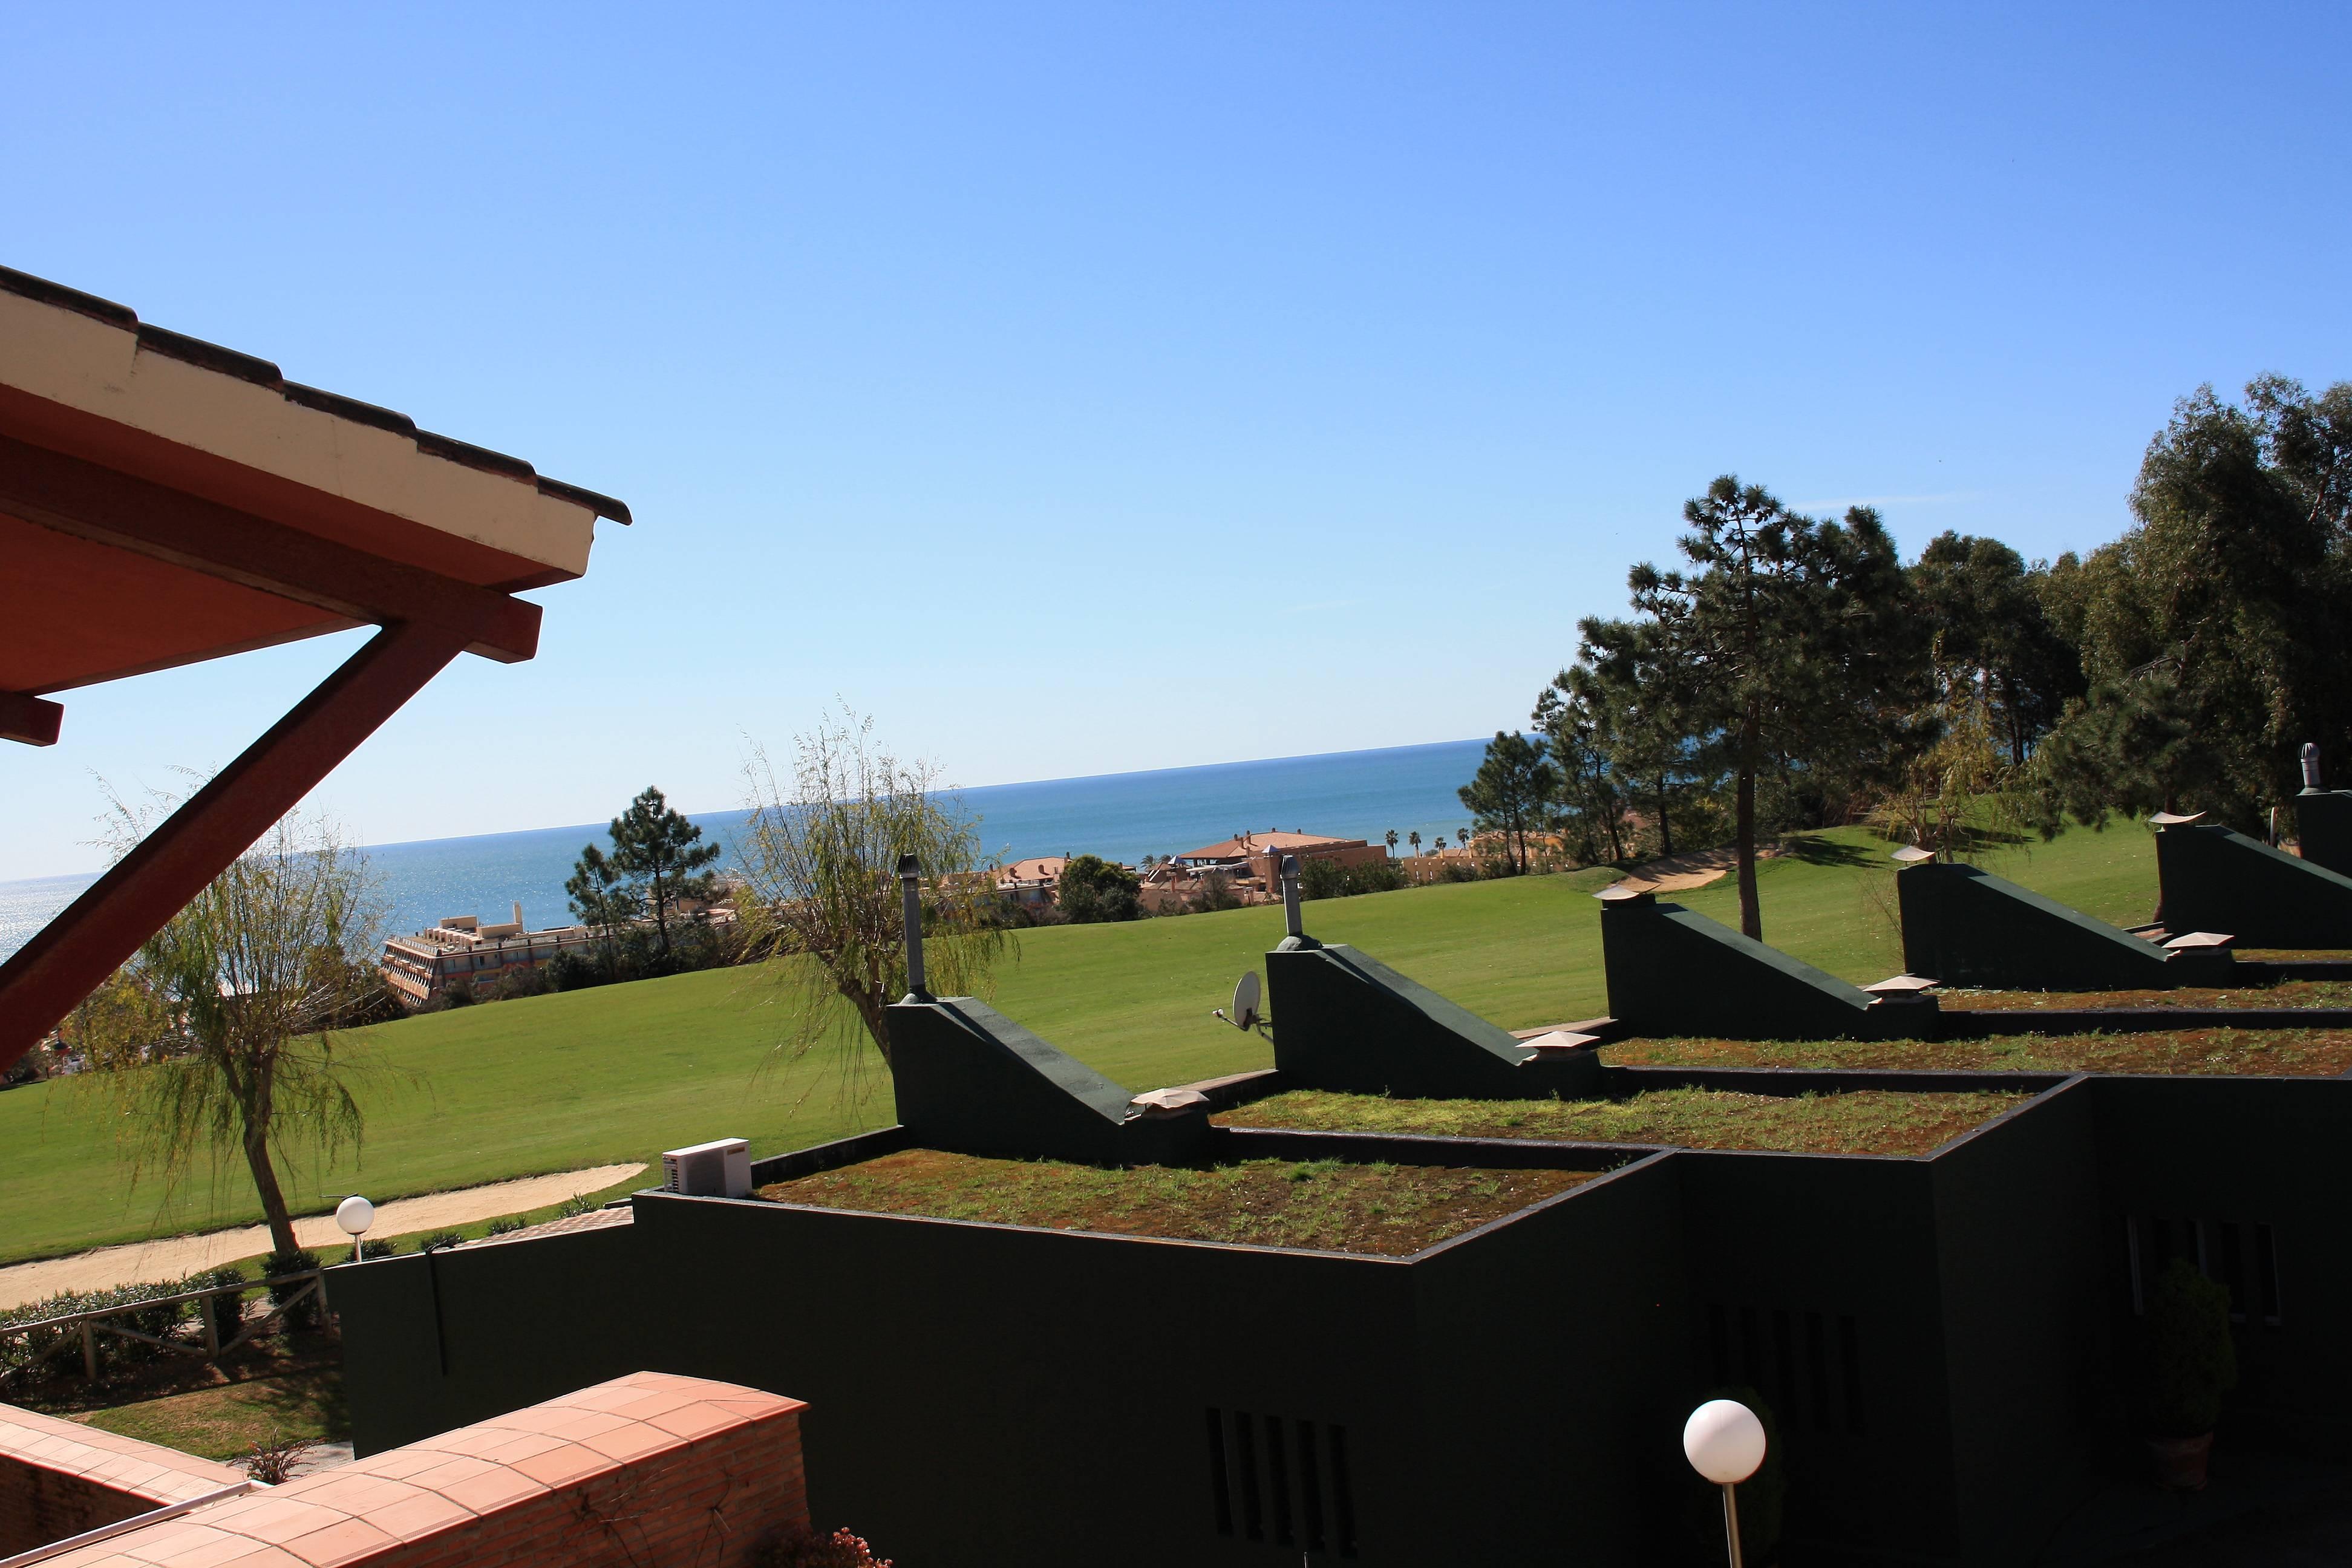 Apartamento para 6 personas a 500 m de la playa - Rentalia islantilla ...